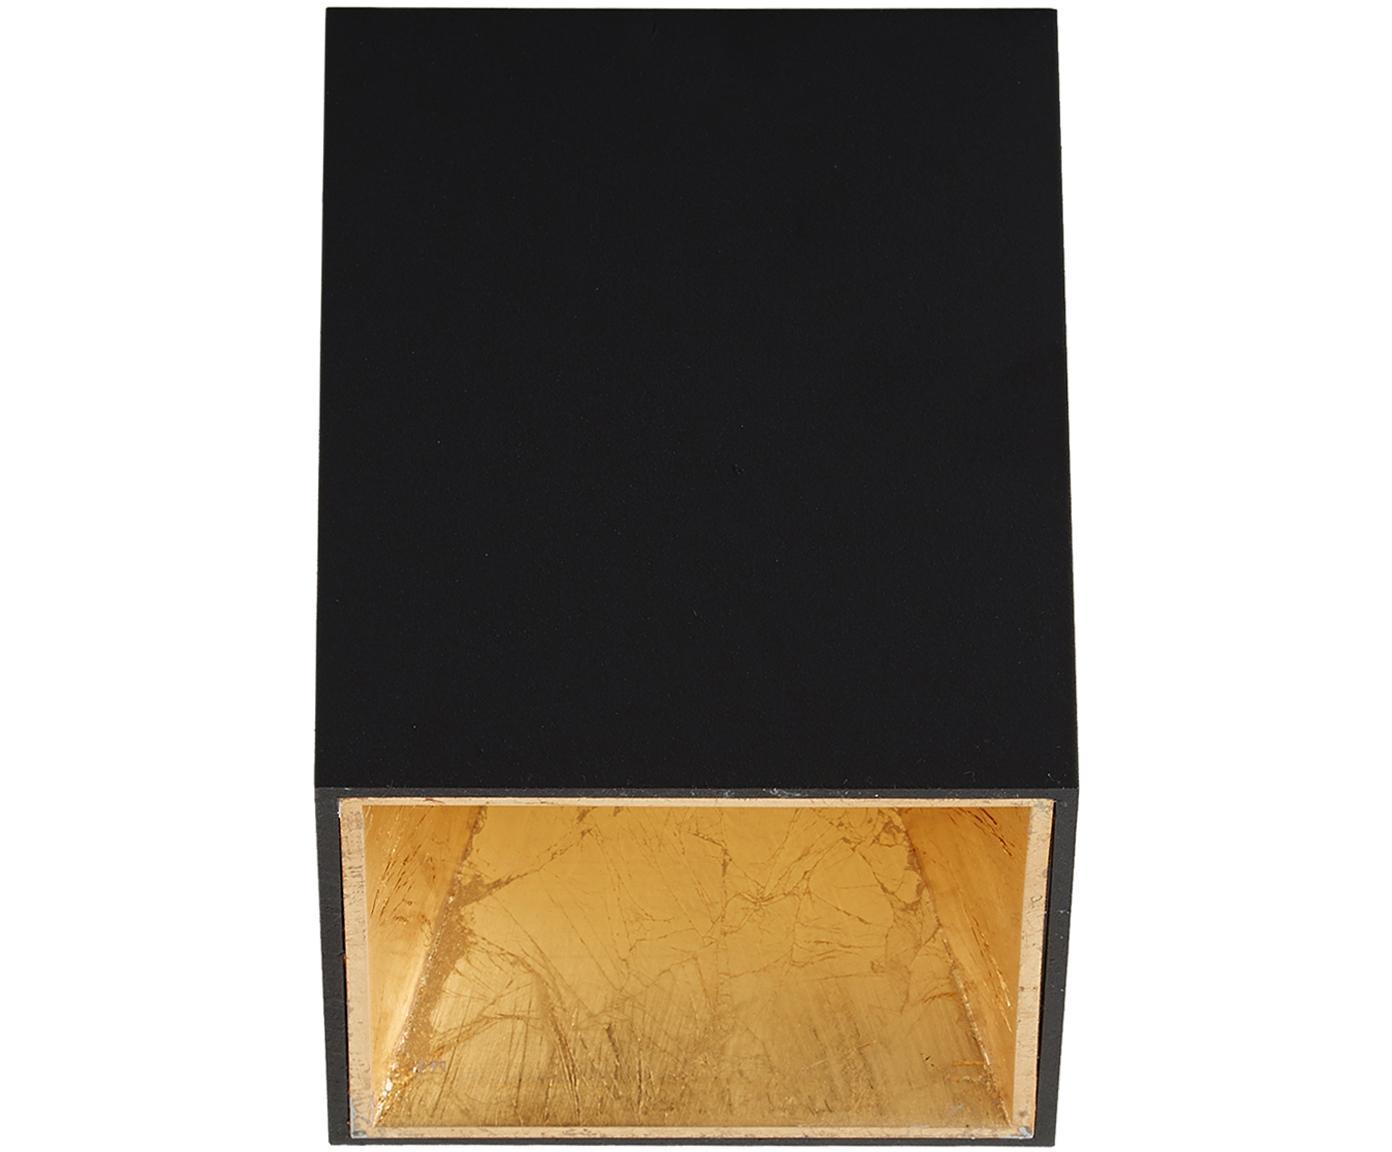 Lampa spot LED Marty, Czarny, odcienie złotego, S 10 x W 12 cm